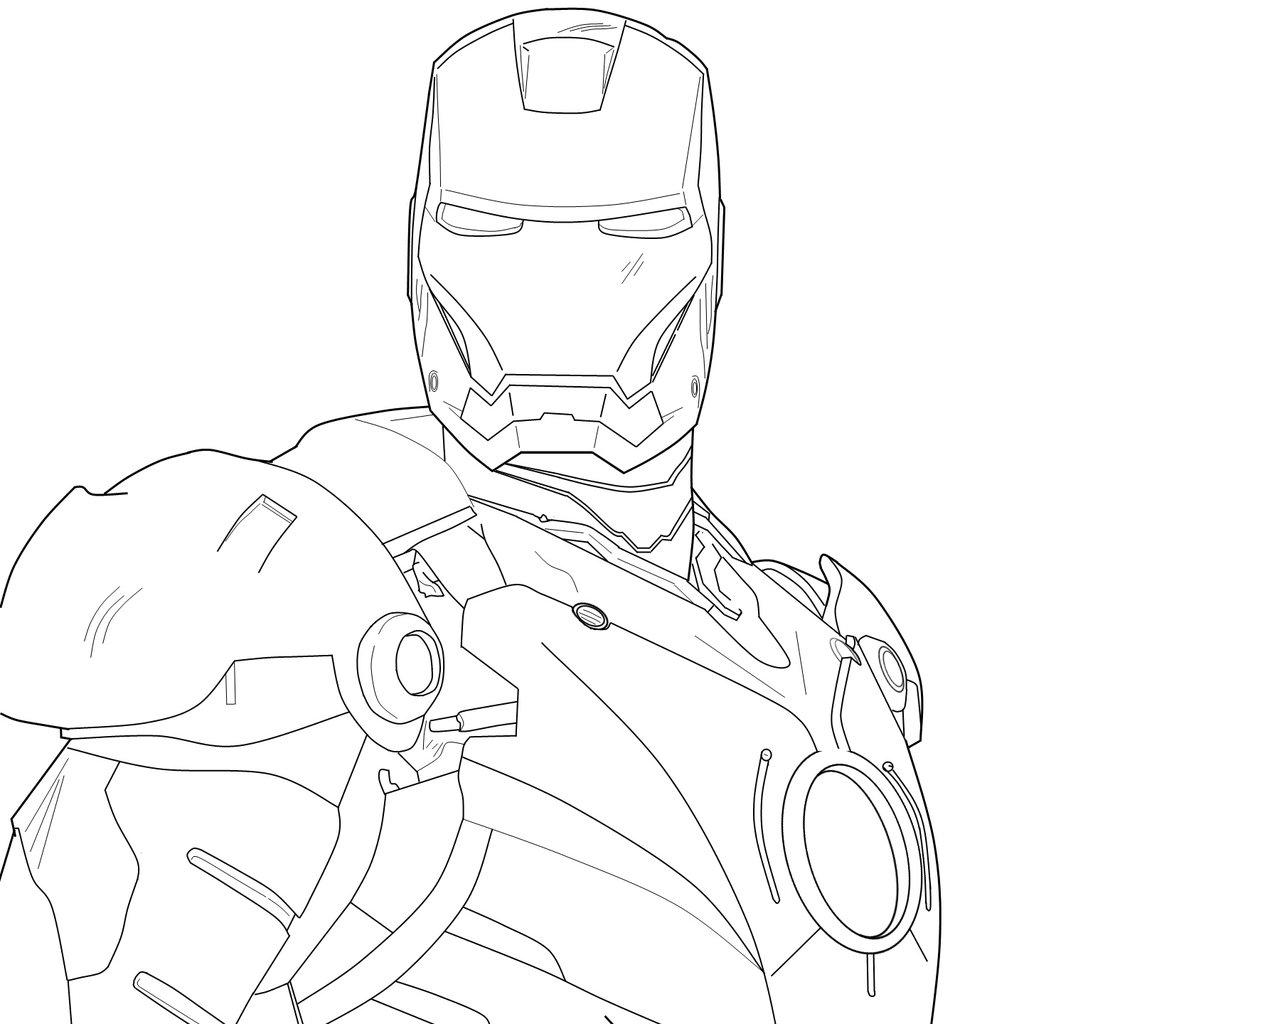 1280x1024 Drawing Of Iron Man Iron Man [Line Drawing]tehdrummerer